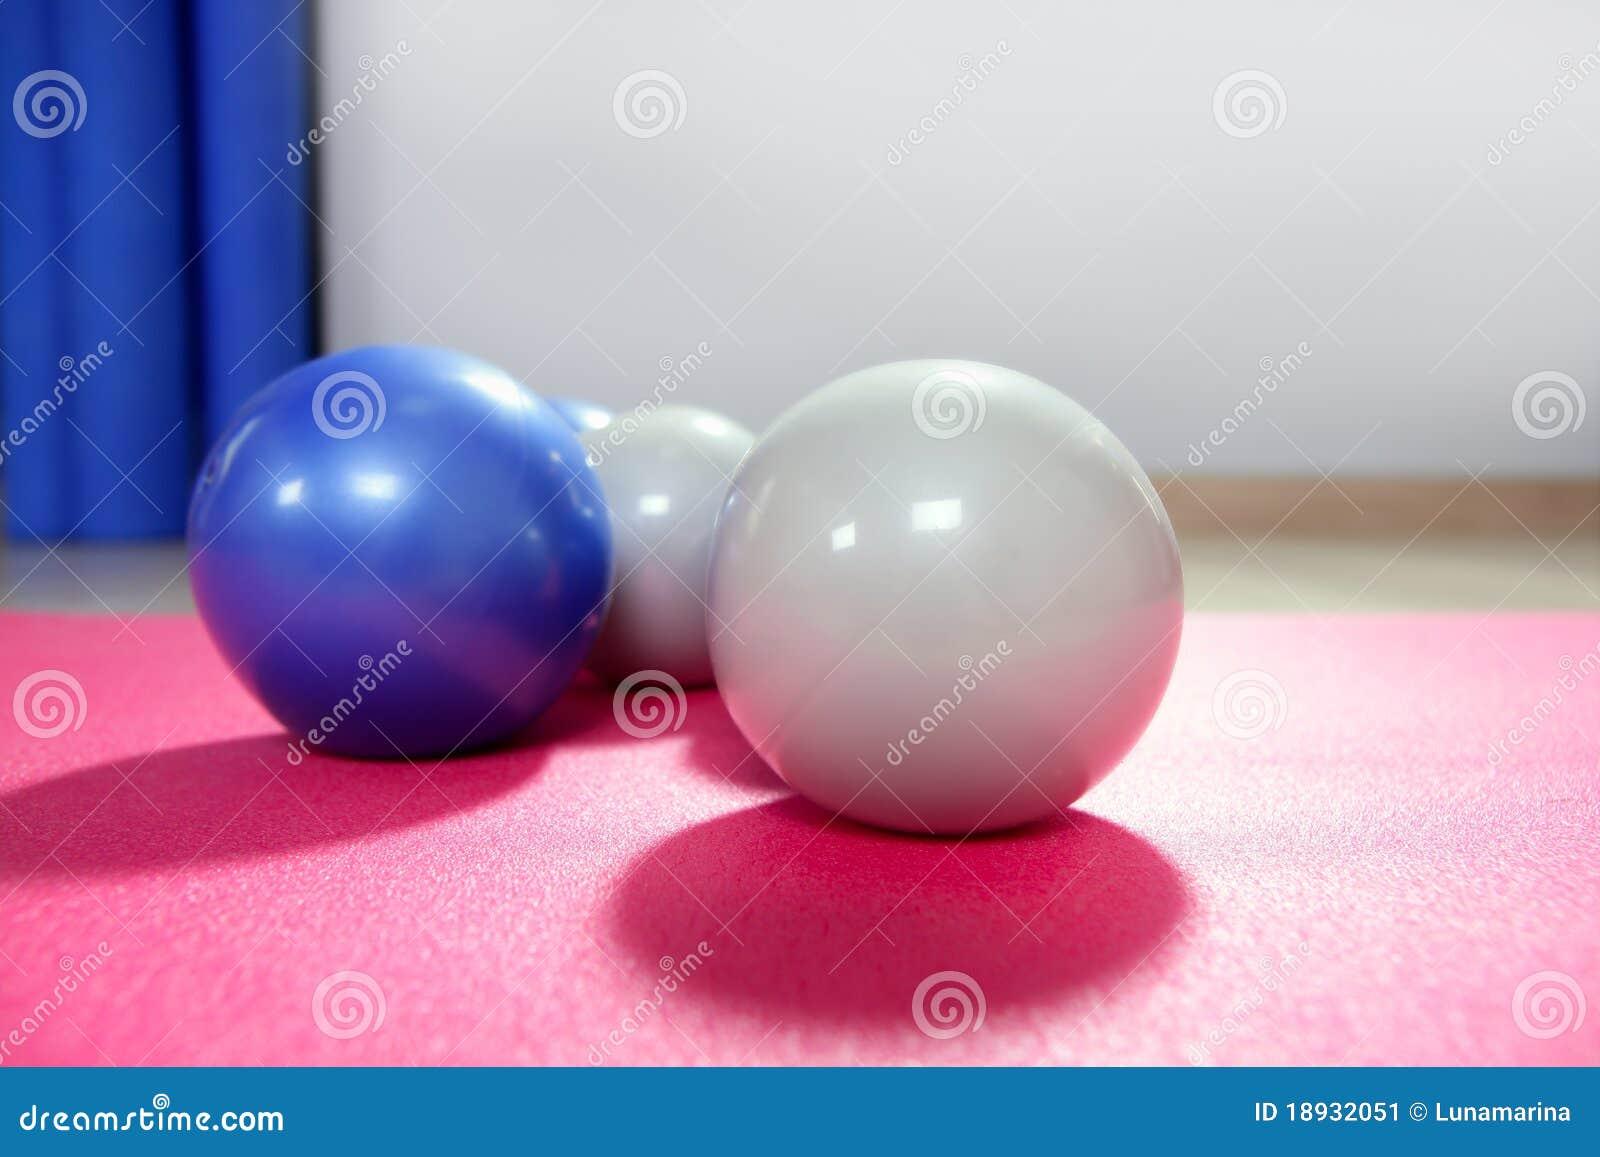 De stemmende ballen van Pilates over rode yogamat